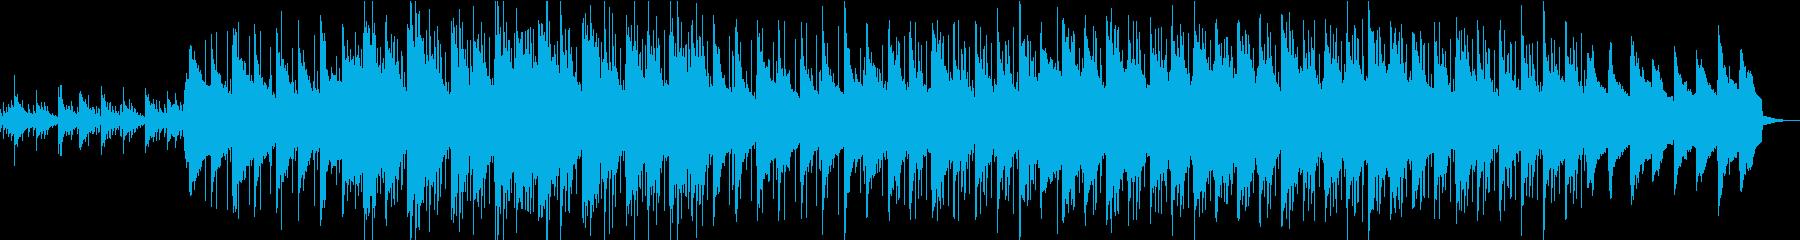 感動的なピアノのバラード◎季節に合わせての再生済みの波形